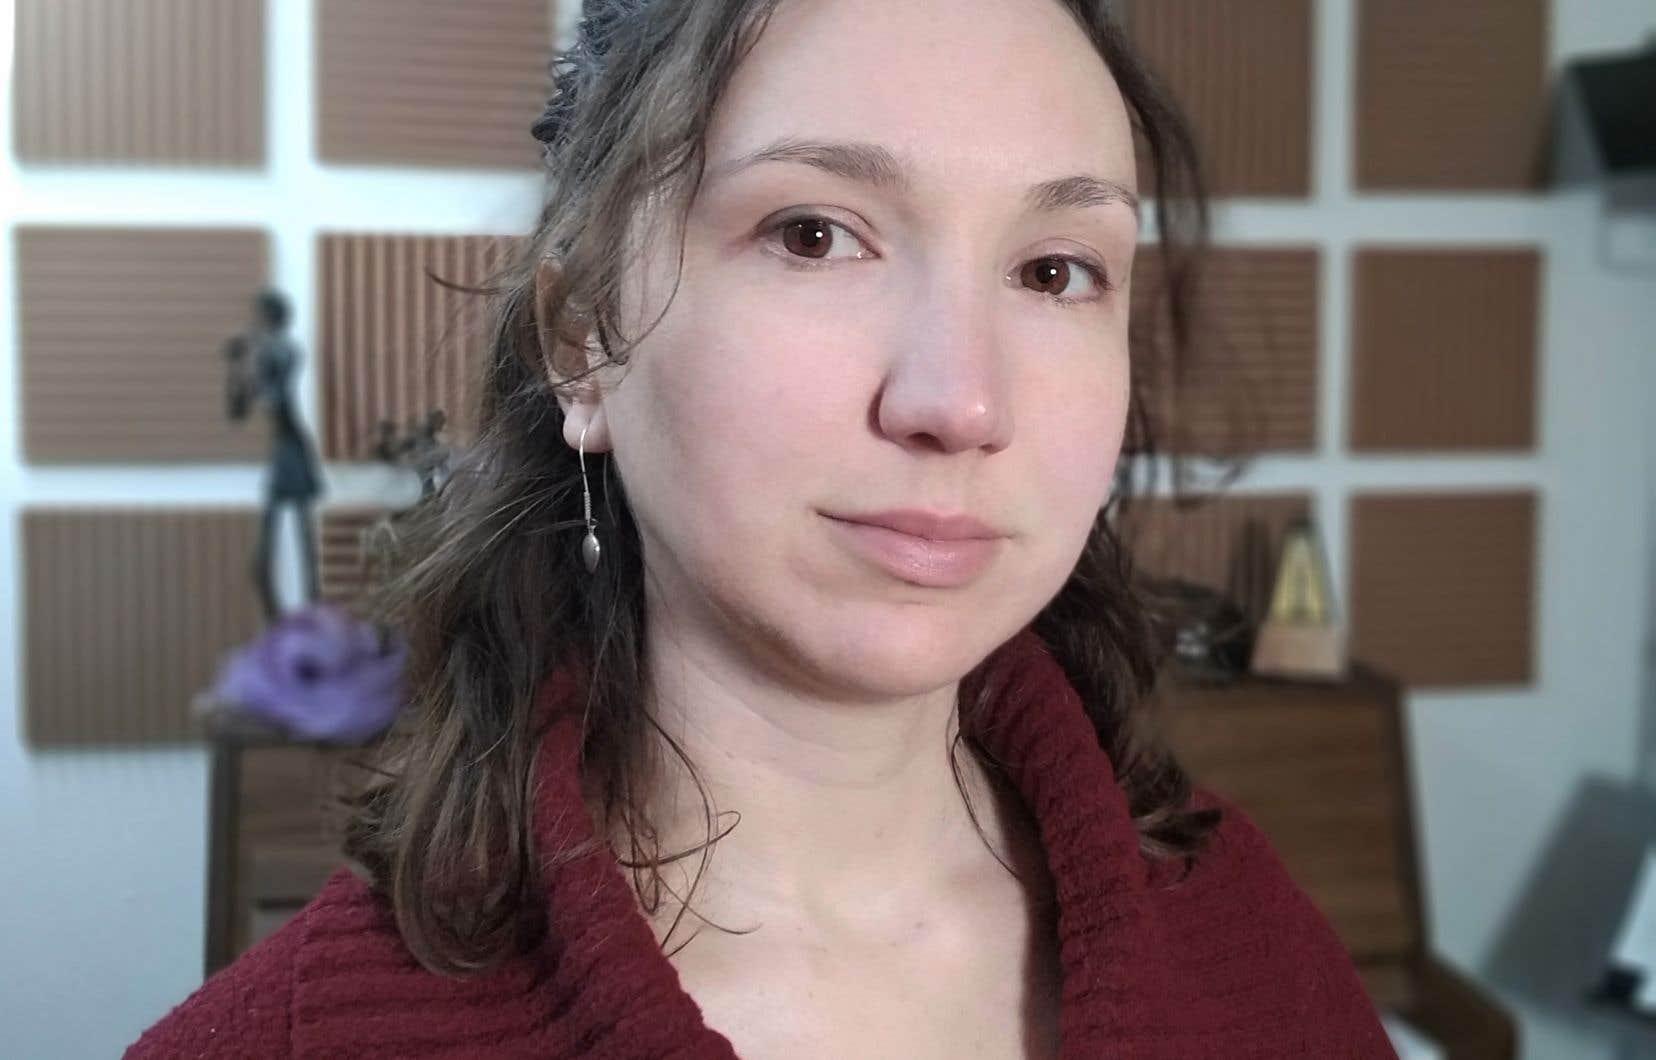 Quand Québec a déclaré l'urgence sanitaire et interdit les visites dans les CHSLD, à la mi-mars, Amélie Brodeur (photo) a eu peur pour son père.